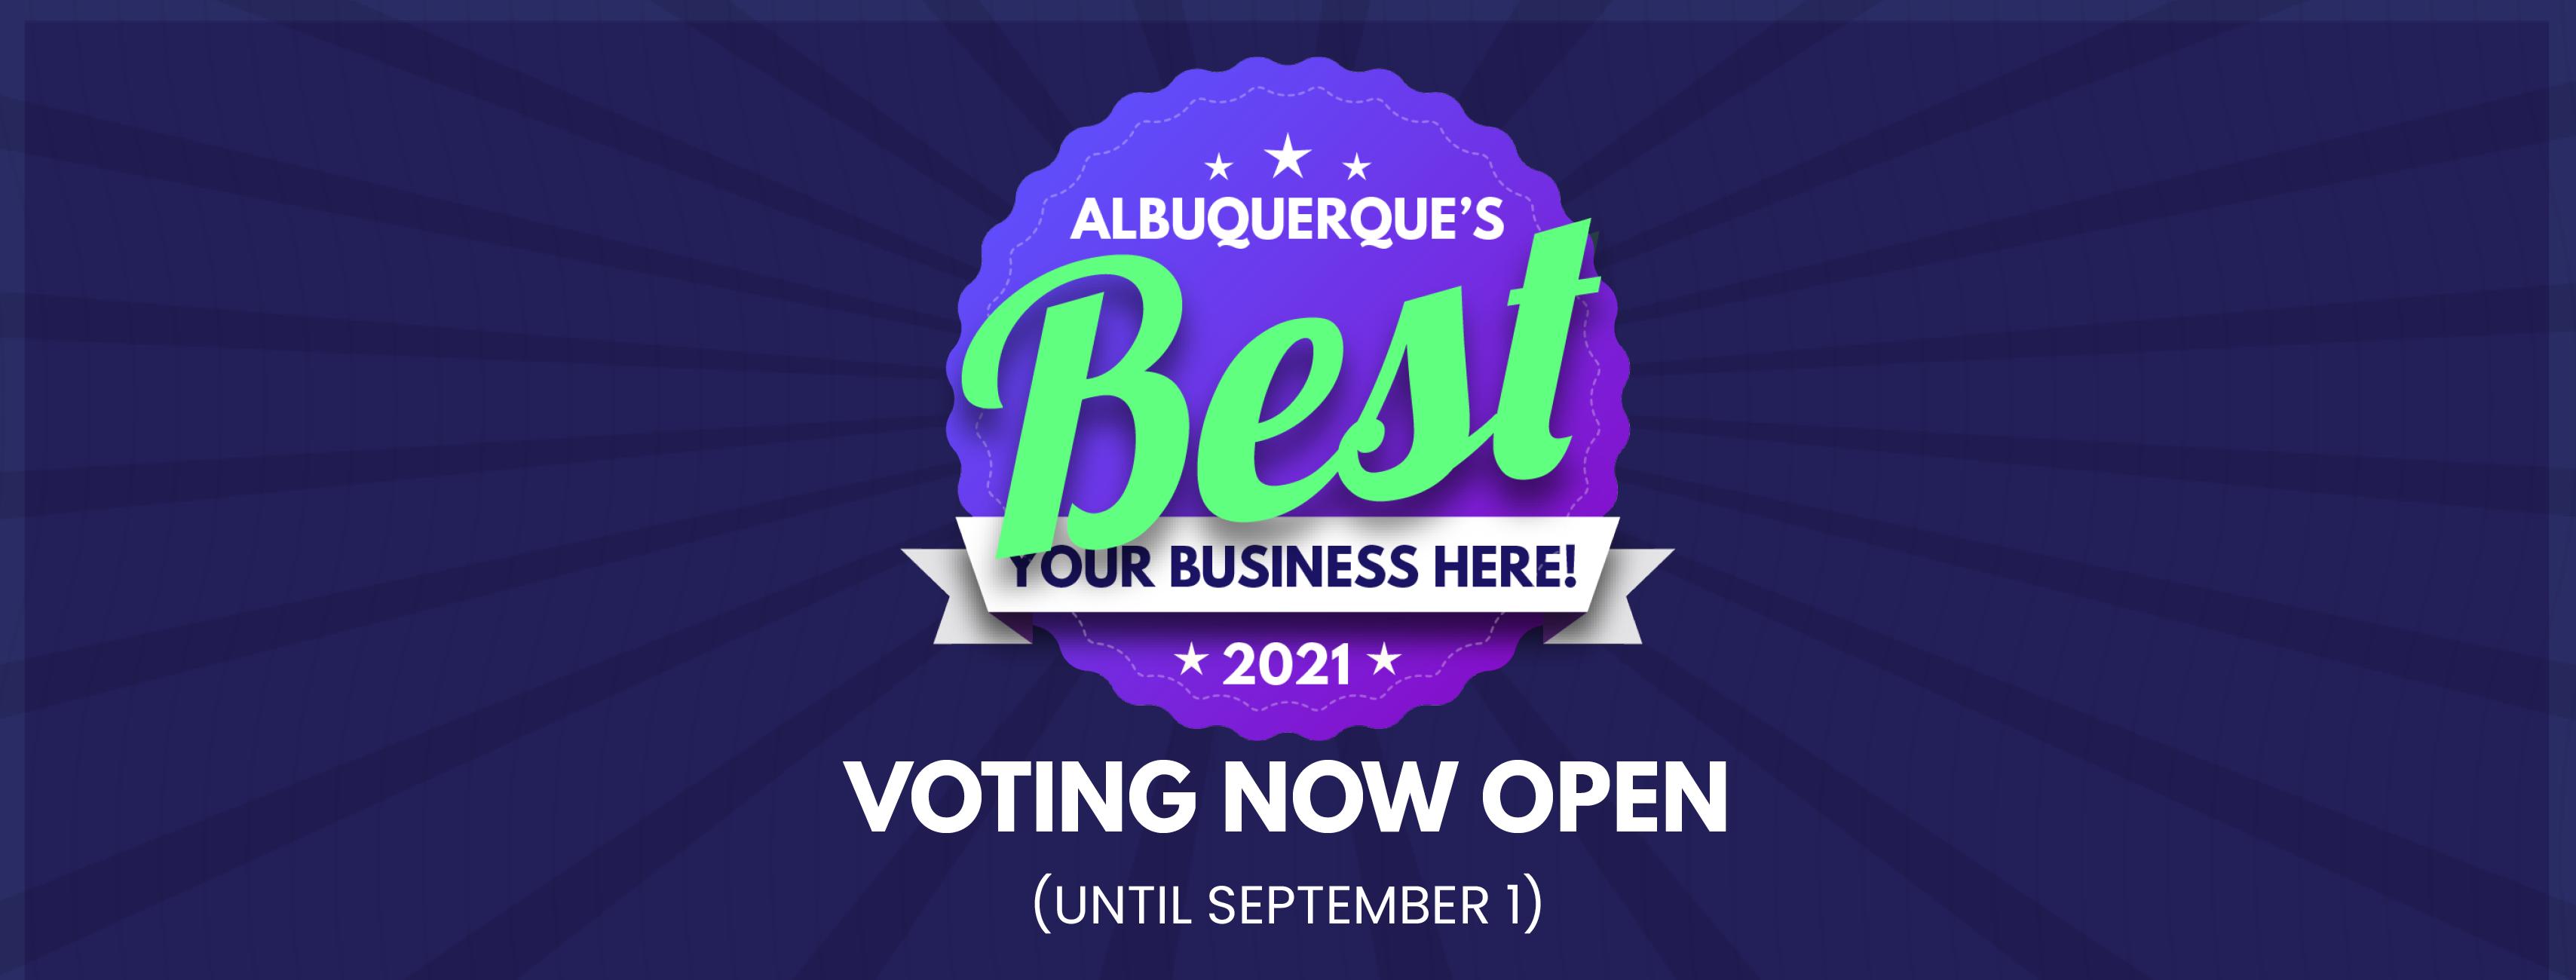 Albuquerque's Best